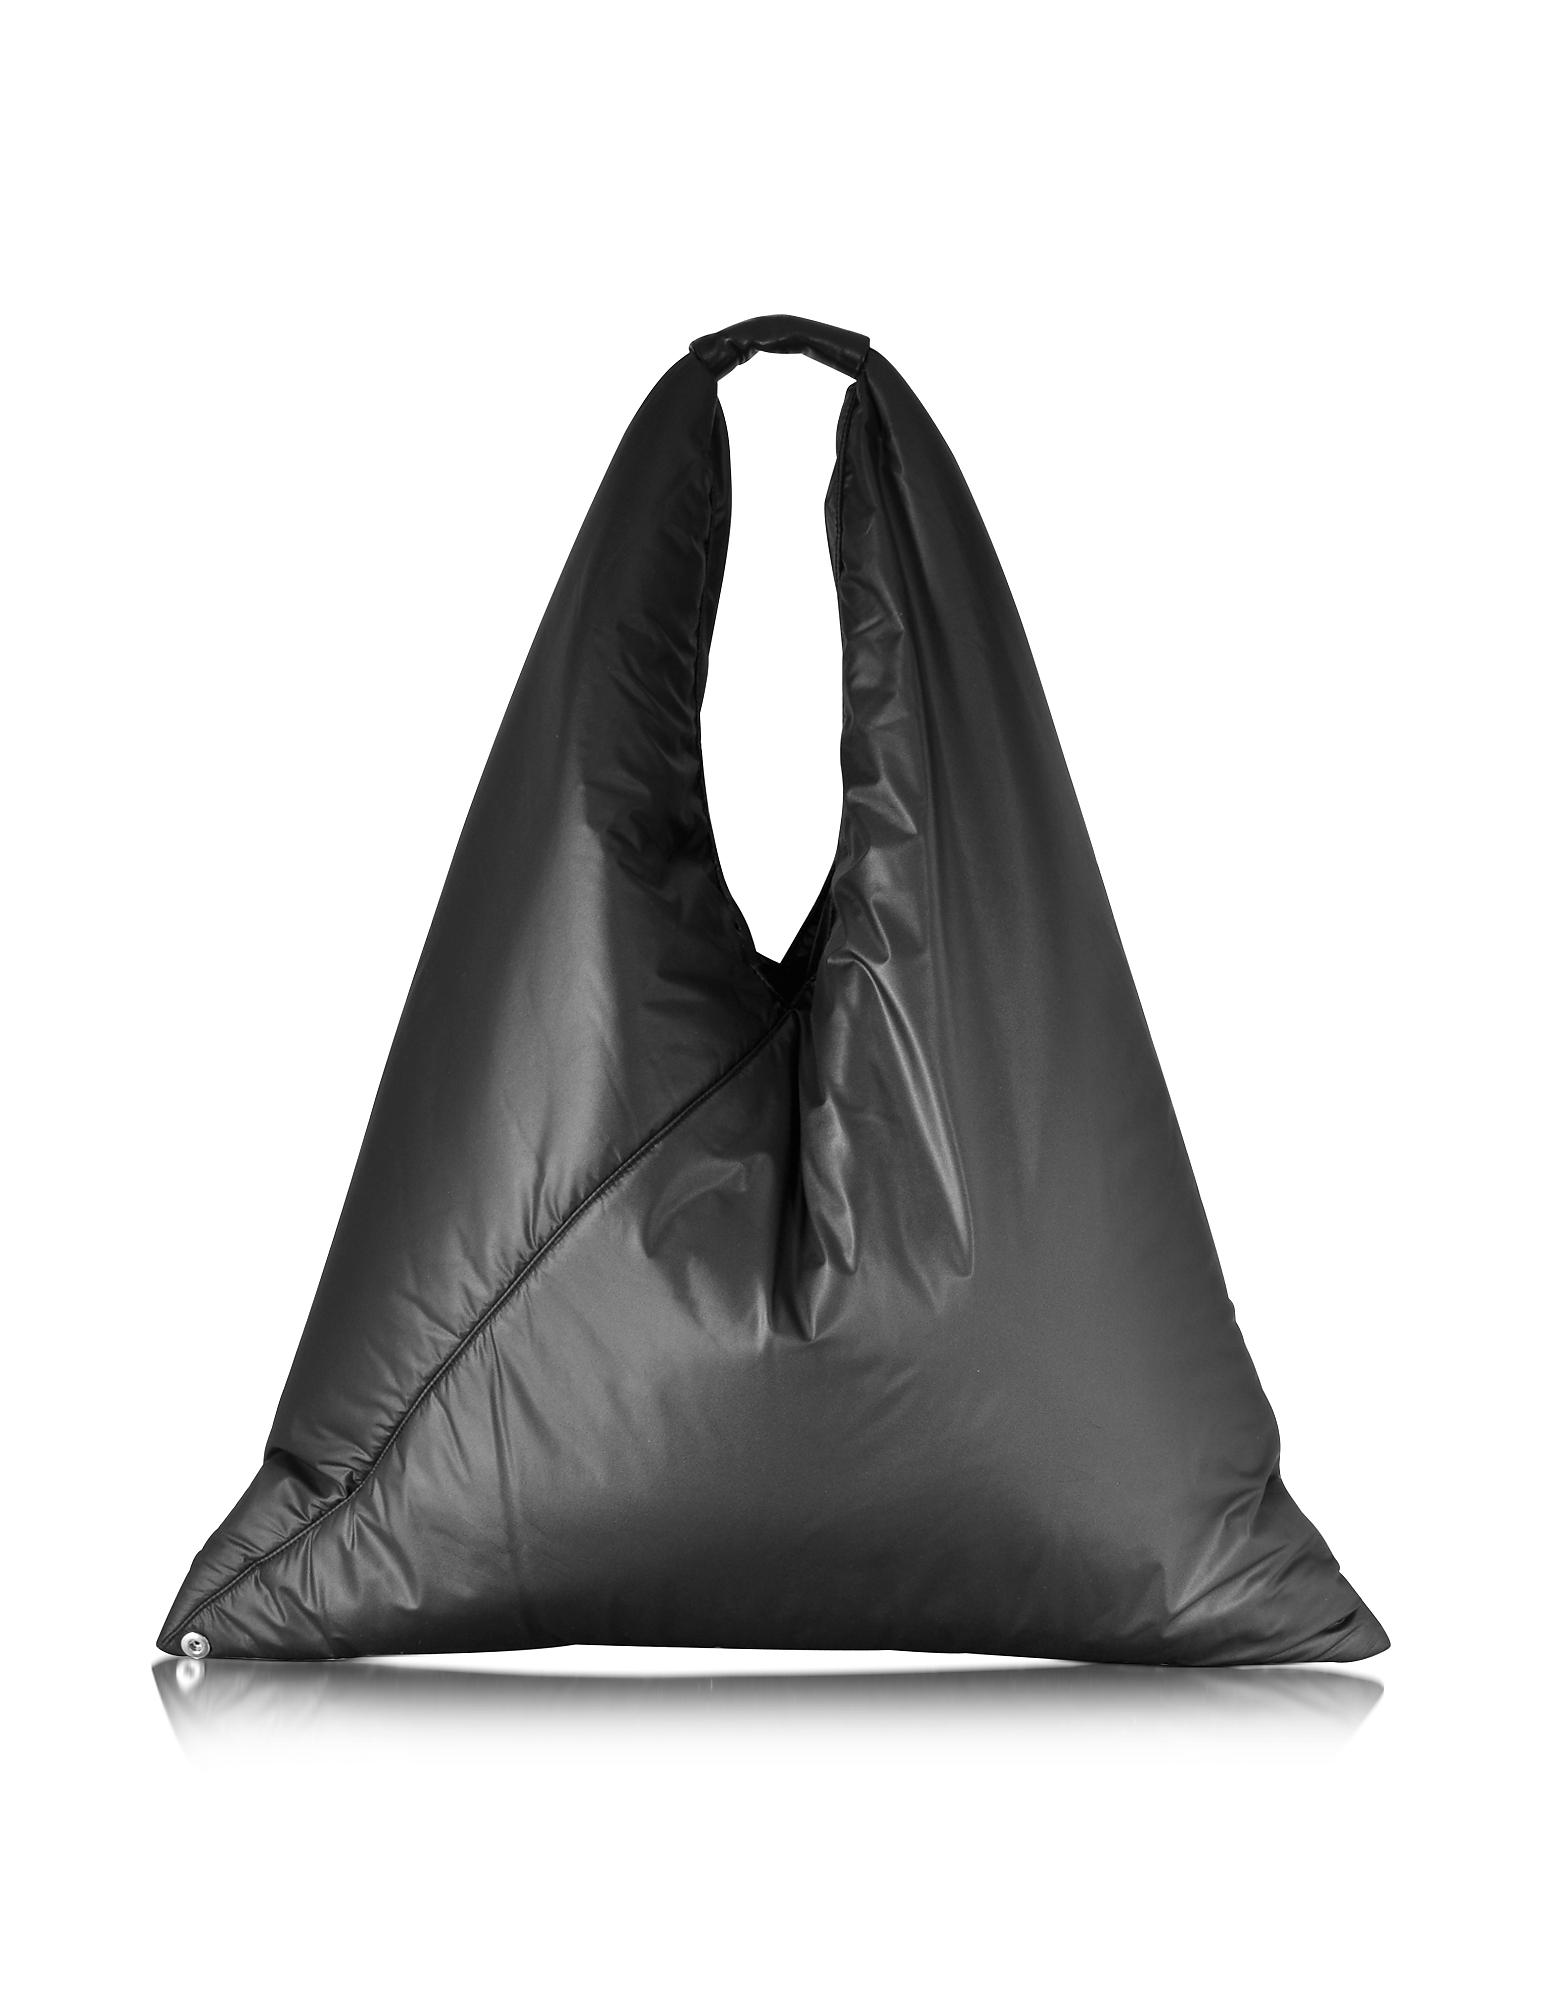 Pufft - Черная Объемная Нейлоновая Треугольная Сумка на Плечо